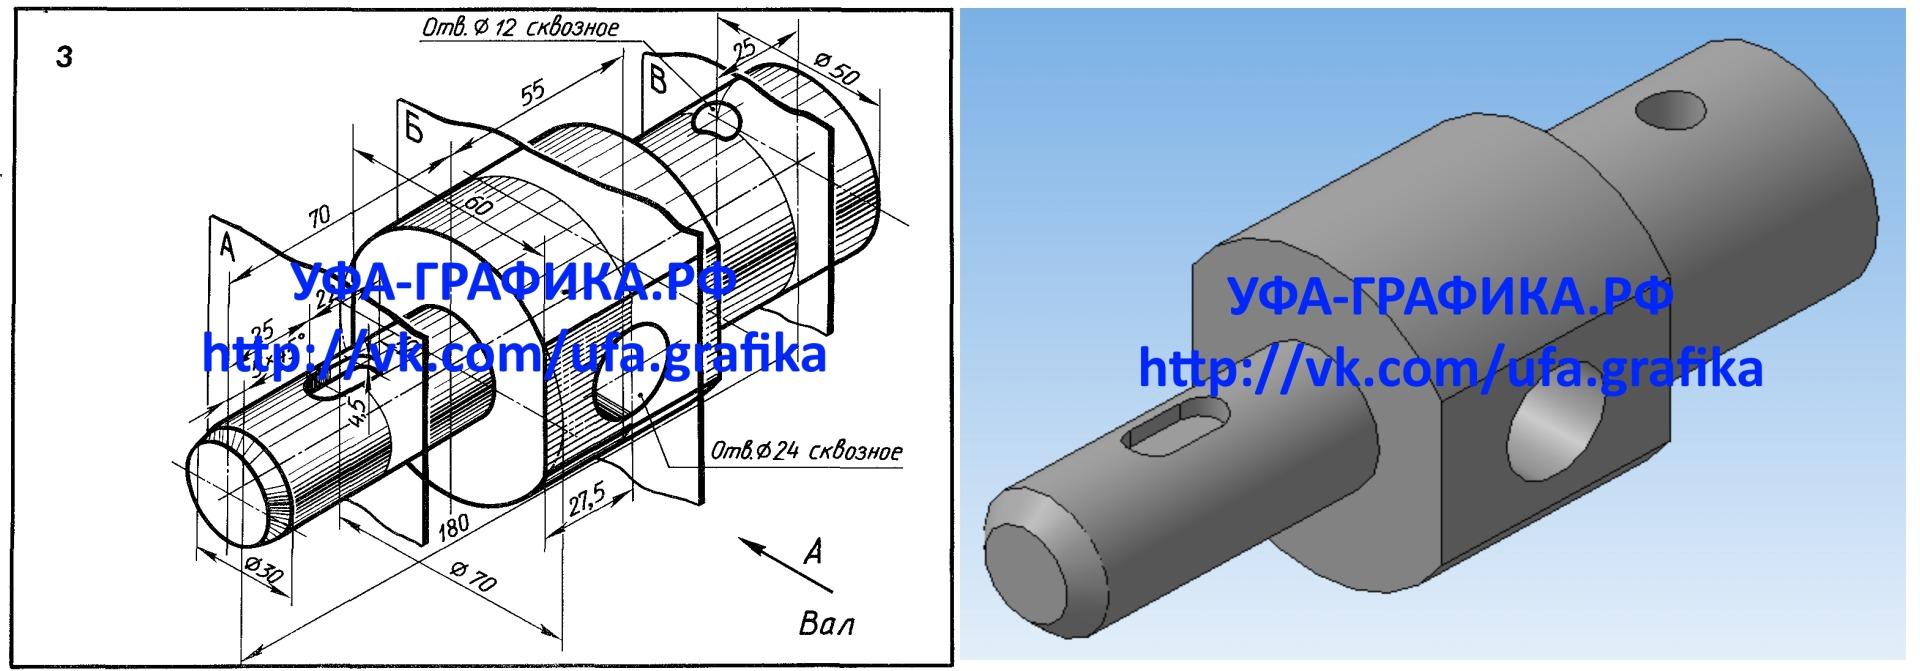 Сечения вала - Вариант 3, чертежи, деталирование, 3Д модели, начертательная геометрия, инженерная графика